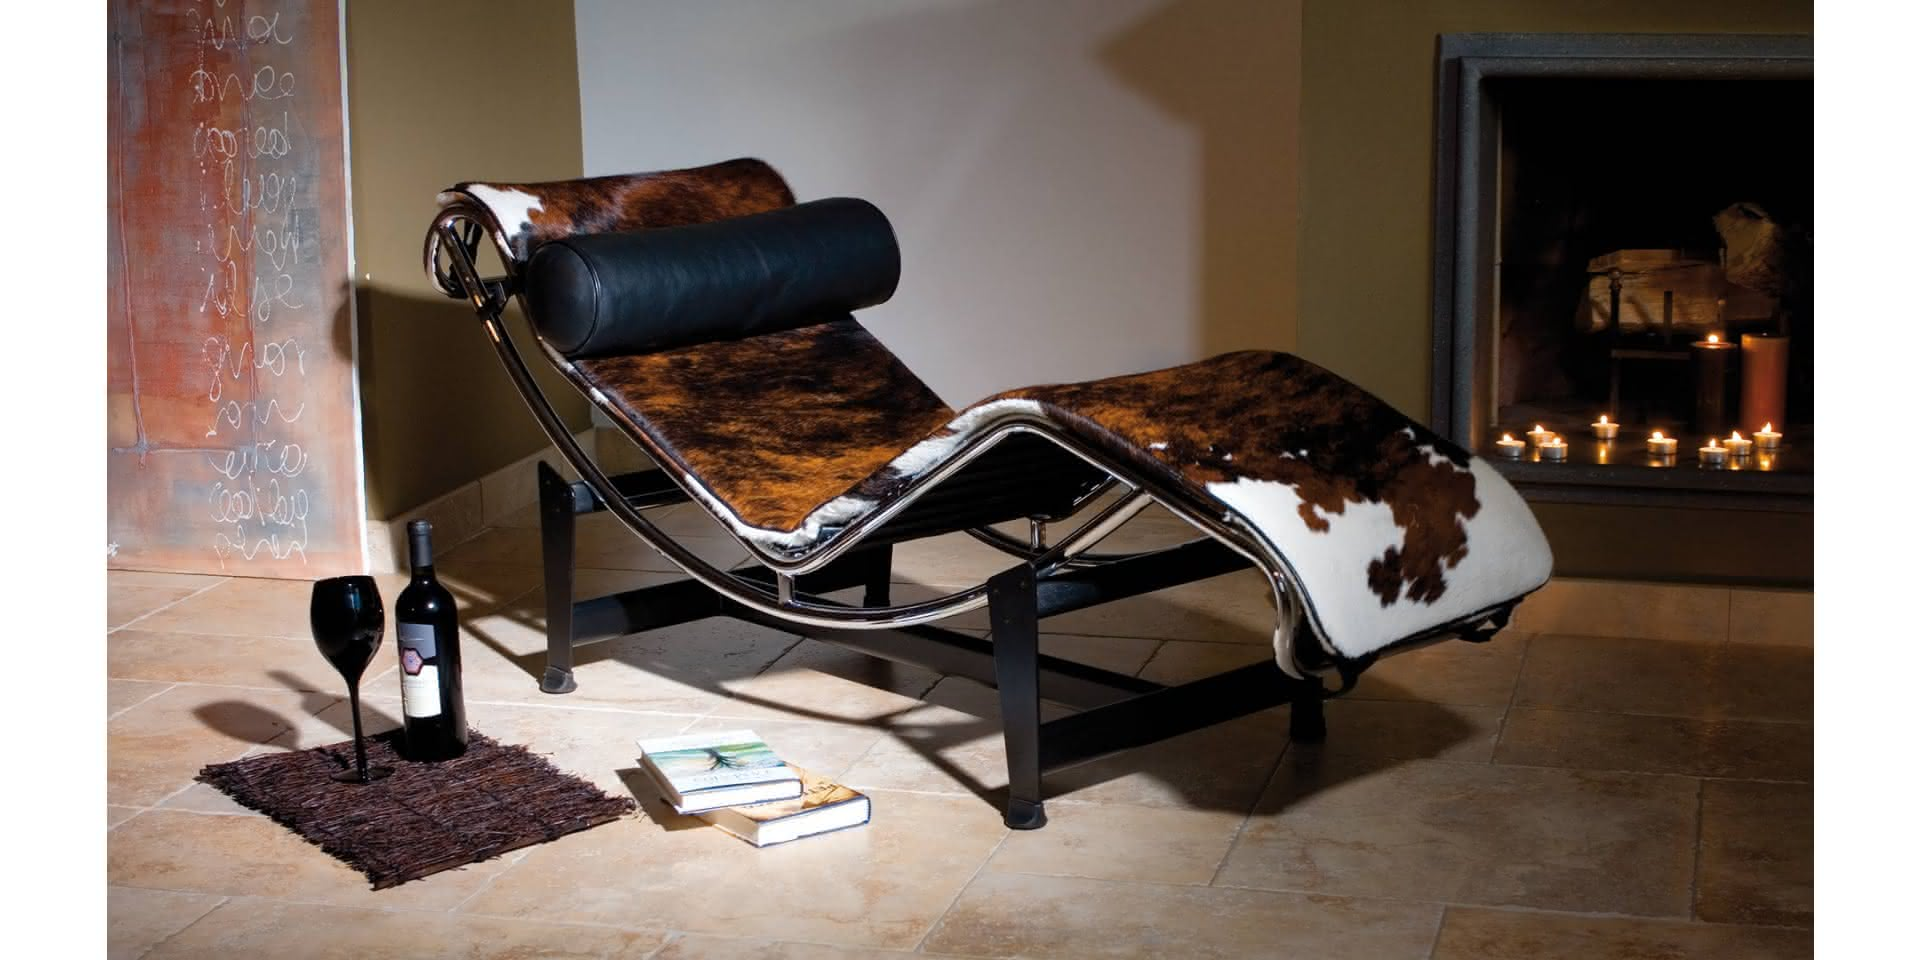 Lc4 Chaise Longue Lounger Le Corbusier Revetement En Cuir